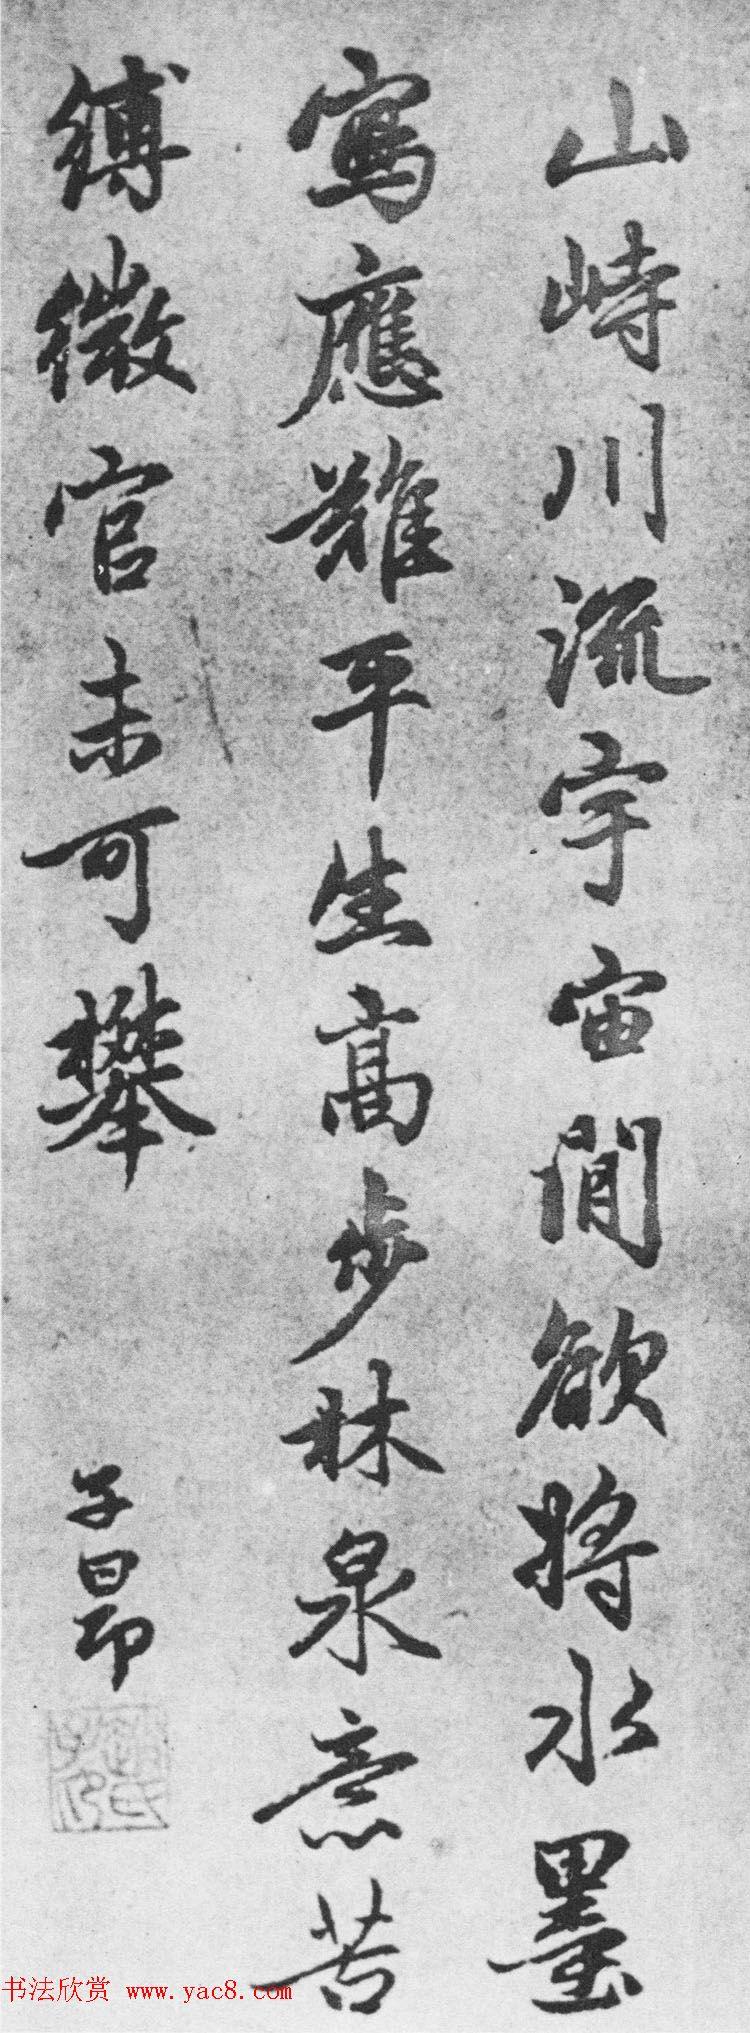 赵子昂行书欣赏《跋郭熙树石平远图》